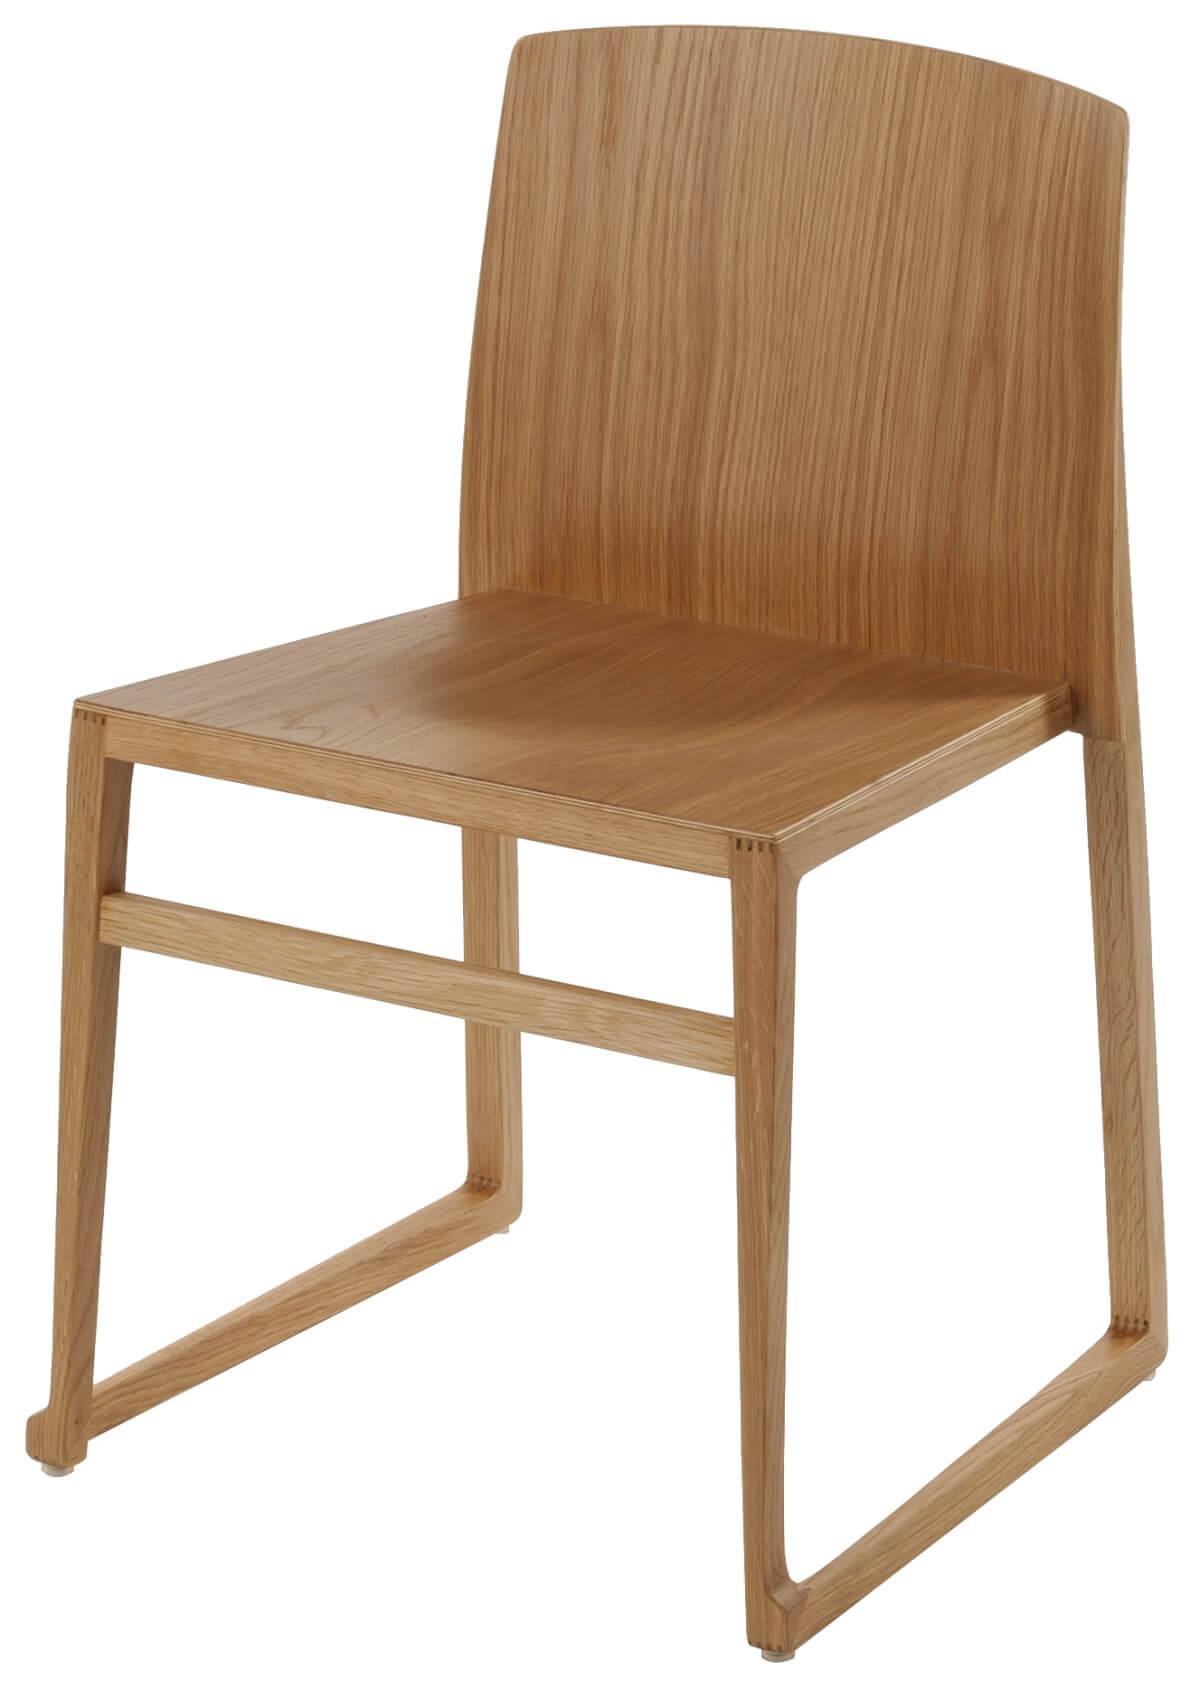 Nouveaut s - Chaise bois clair ...